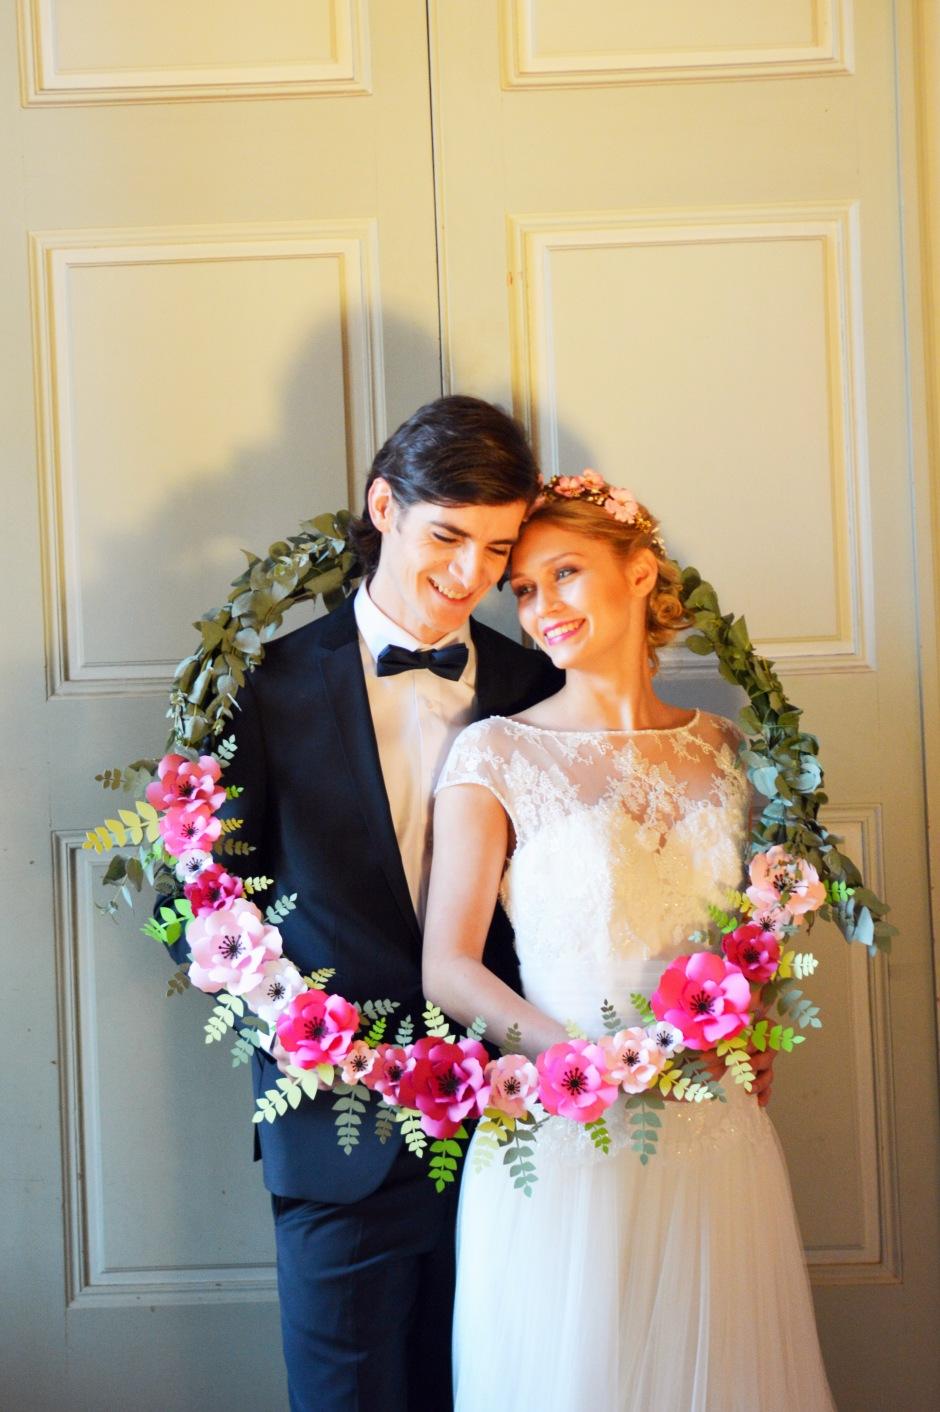 mariage-fiancailles-st-valentin-chateau-de-la-mogere-59